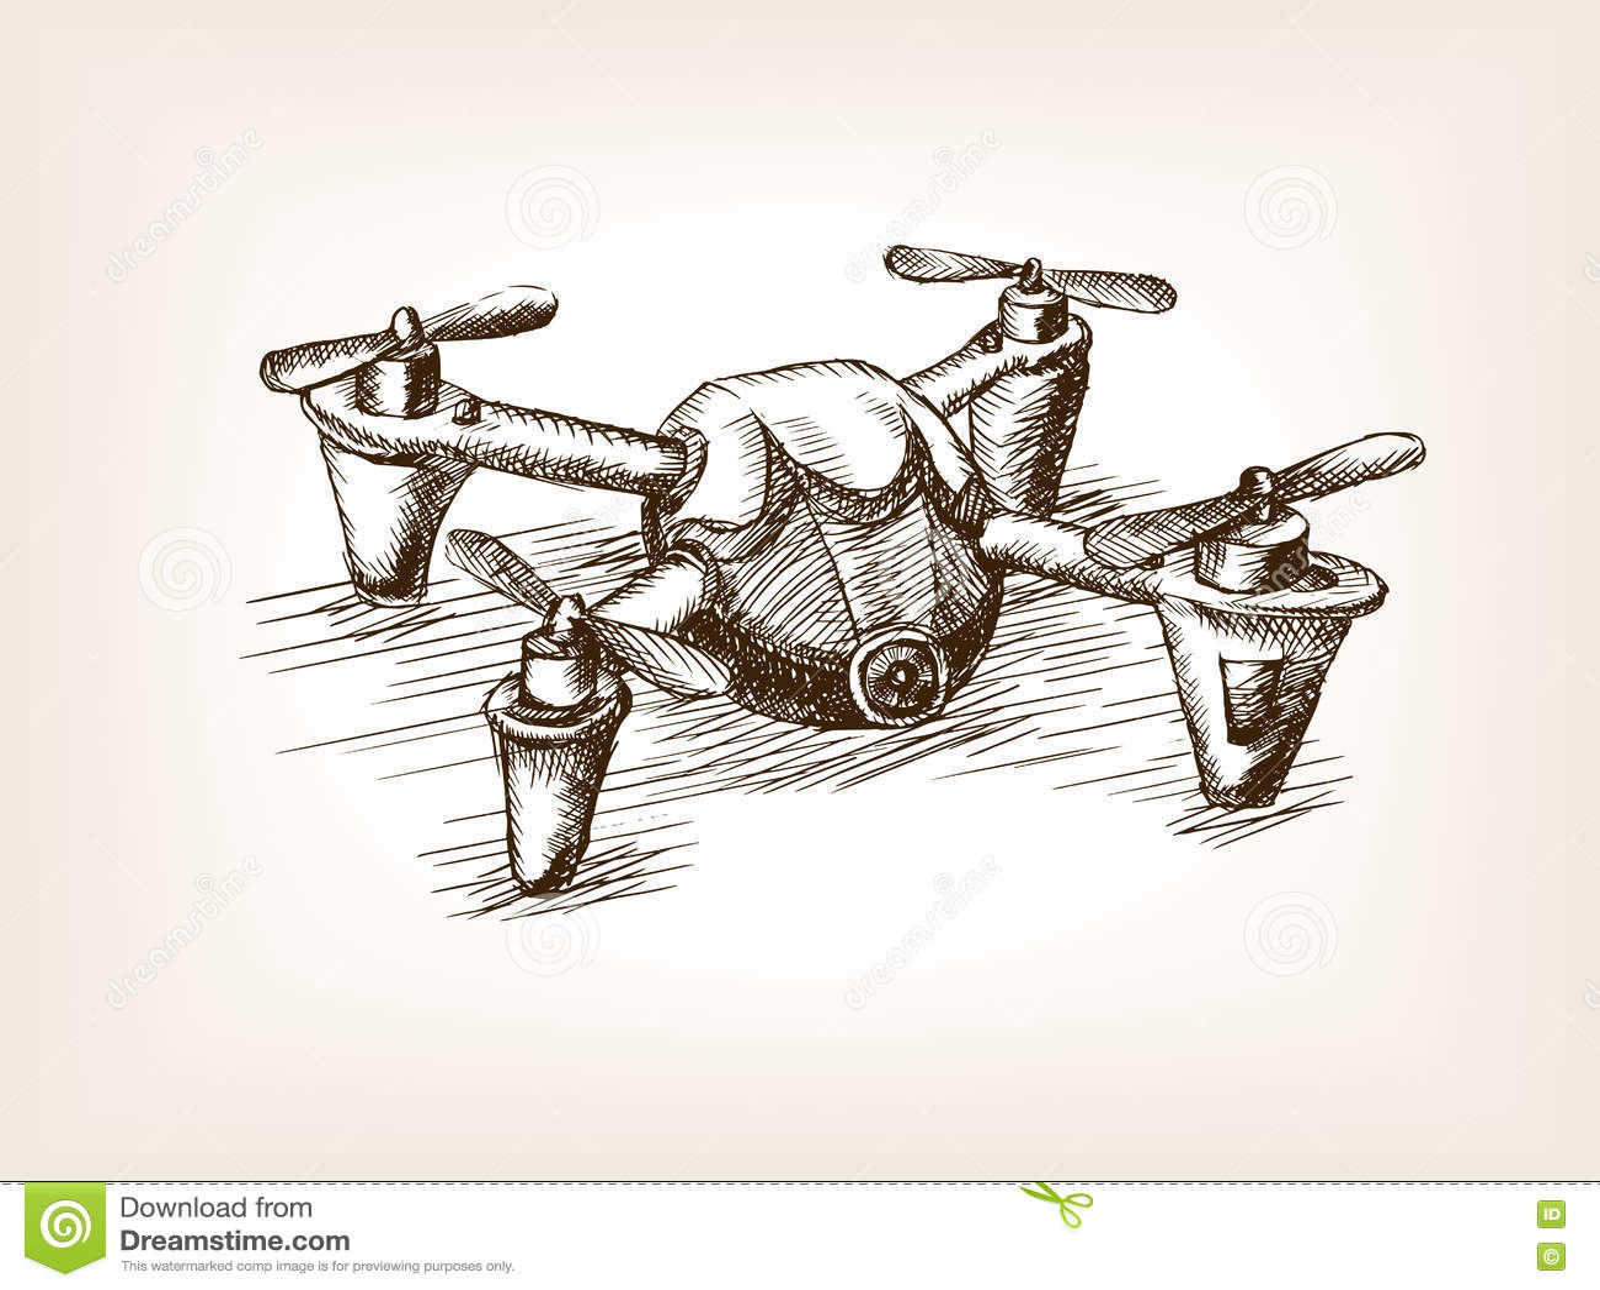 Quadrocopter Drone Sketch Vector Illustration Vector ...